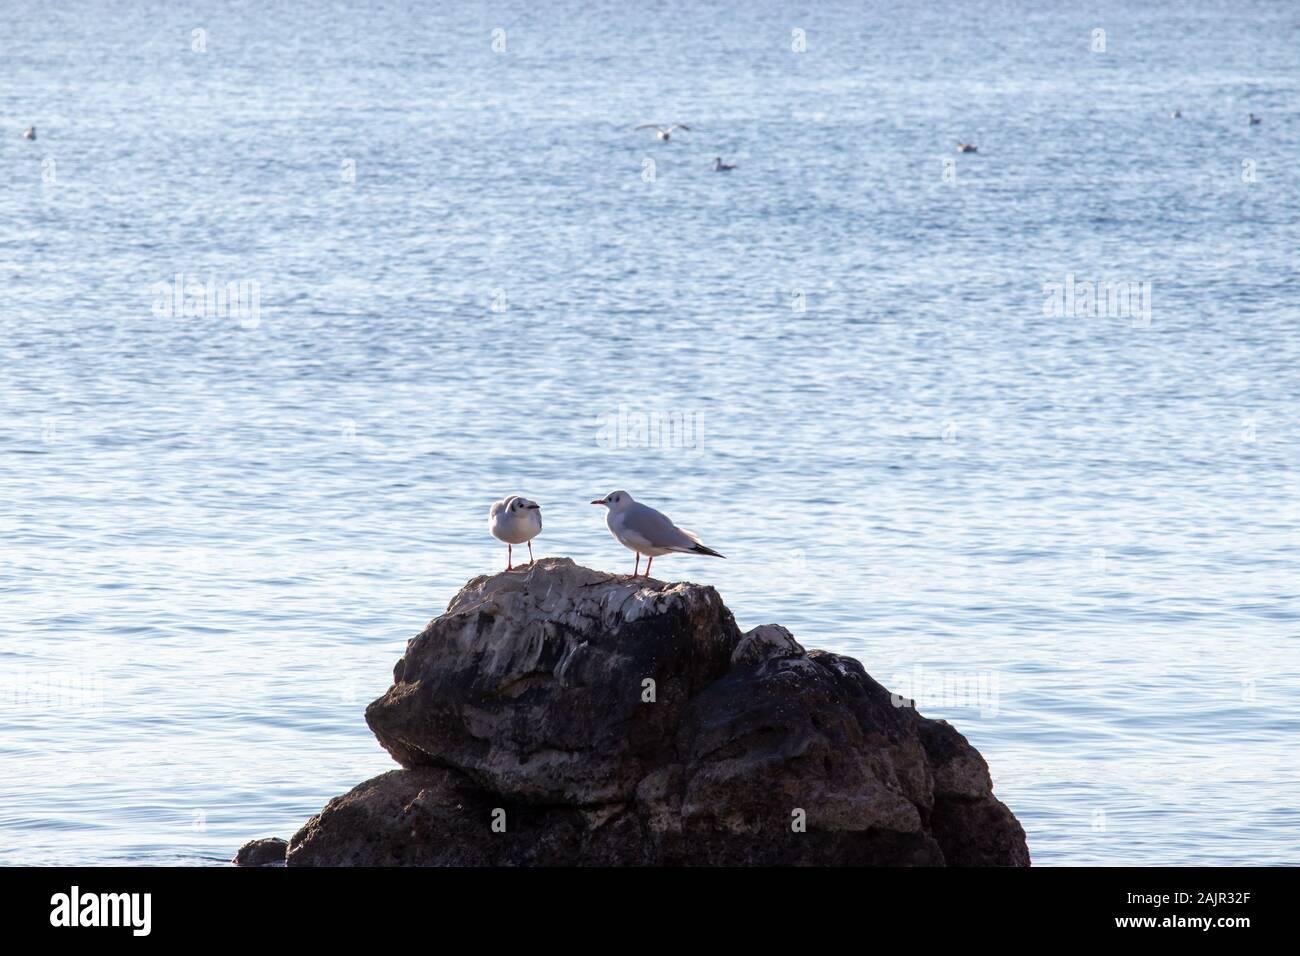 Dos gaviotas sobre una roca en el mar.brillante mar azul, grupo que representa la relación de amistad. Mirando el uno al otro como si están hablando, peleando Foto de stock